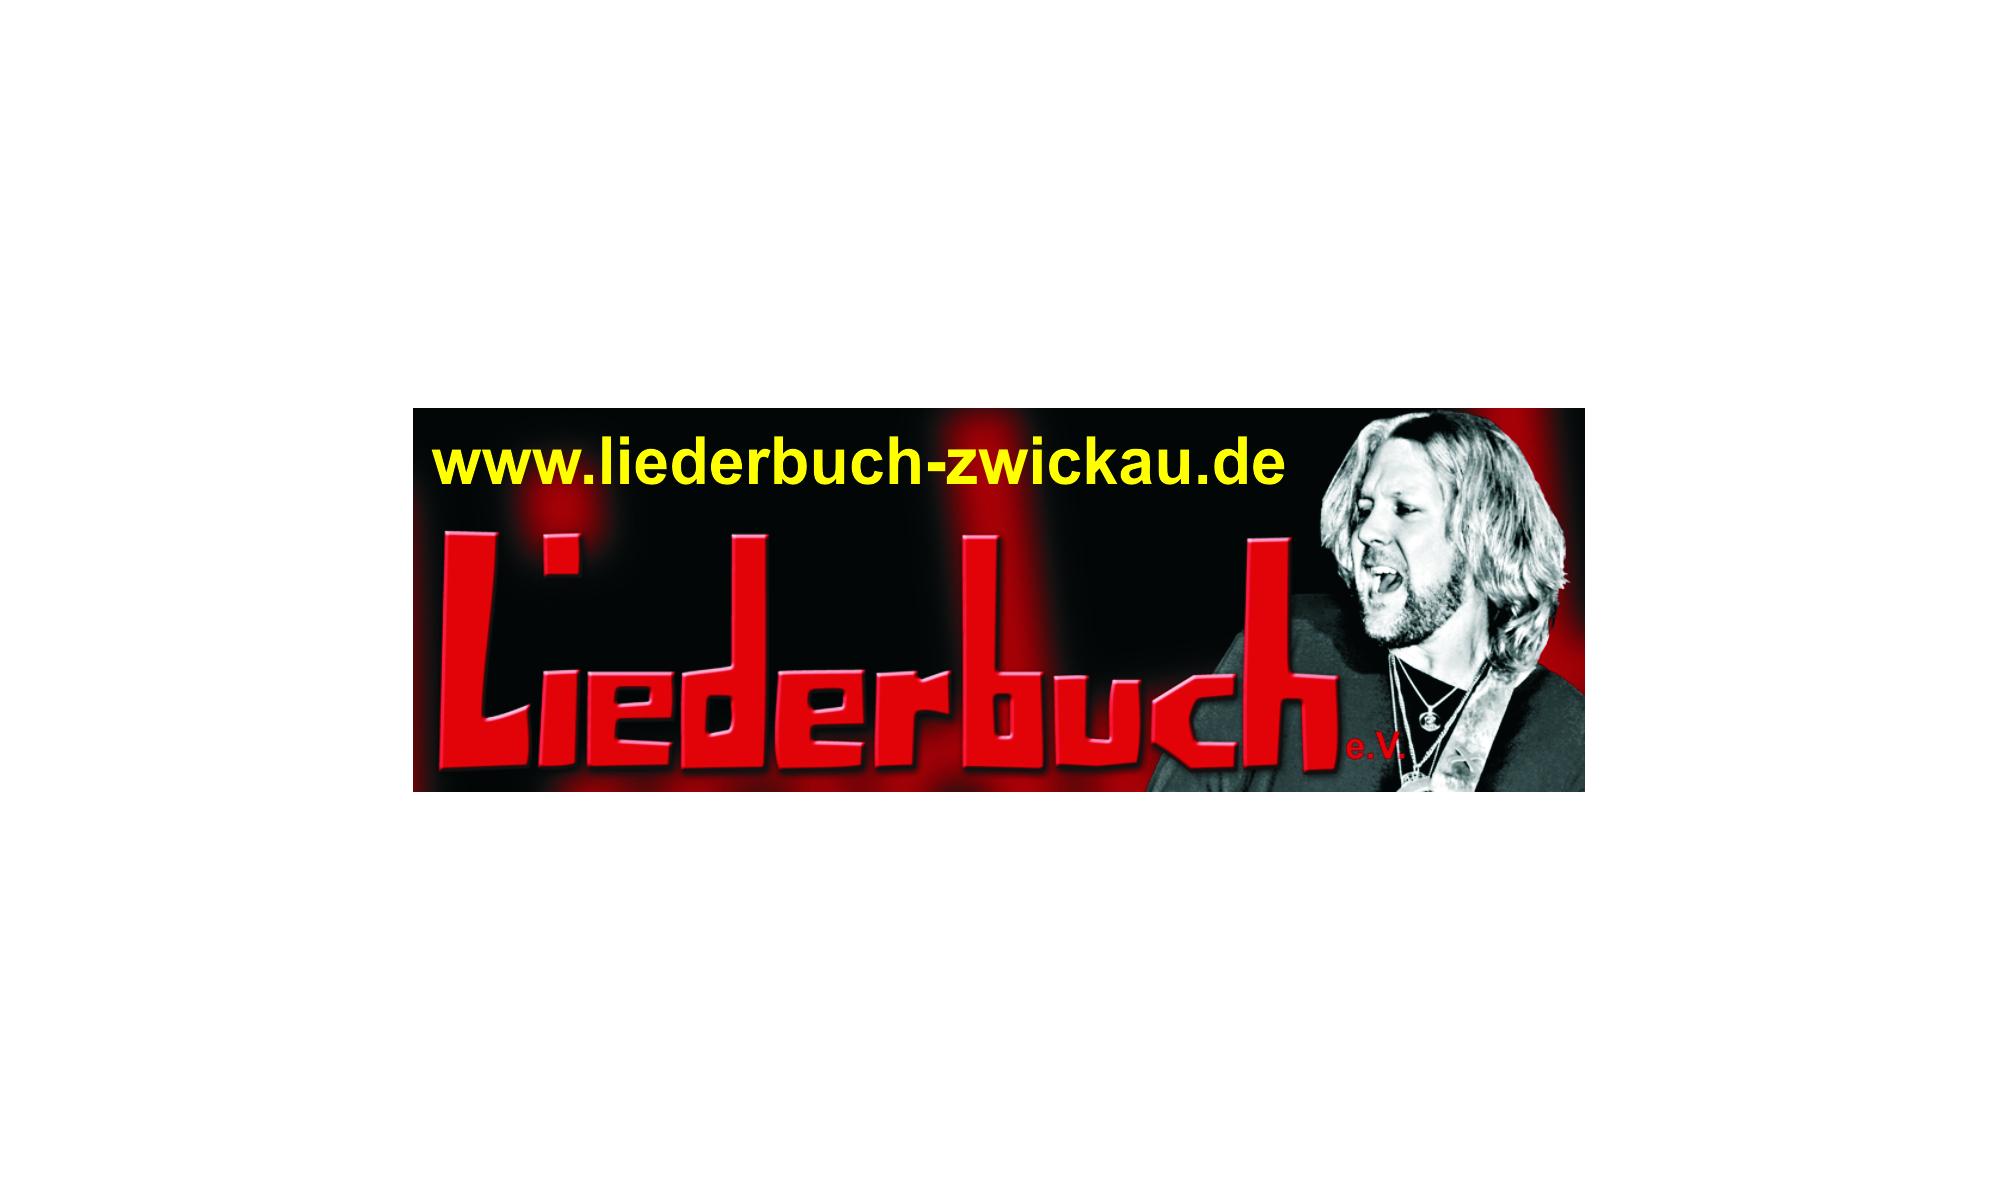 Logo Liederbuch